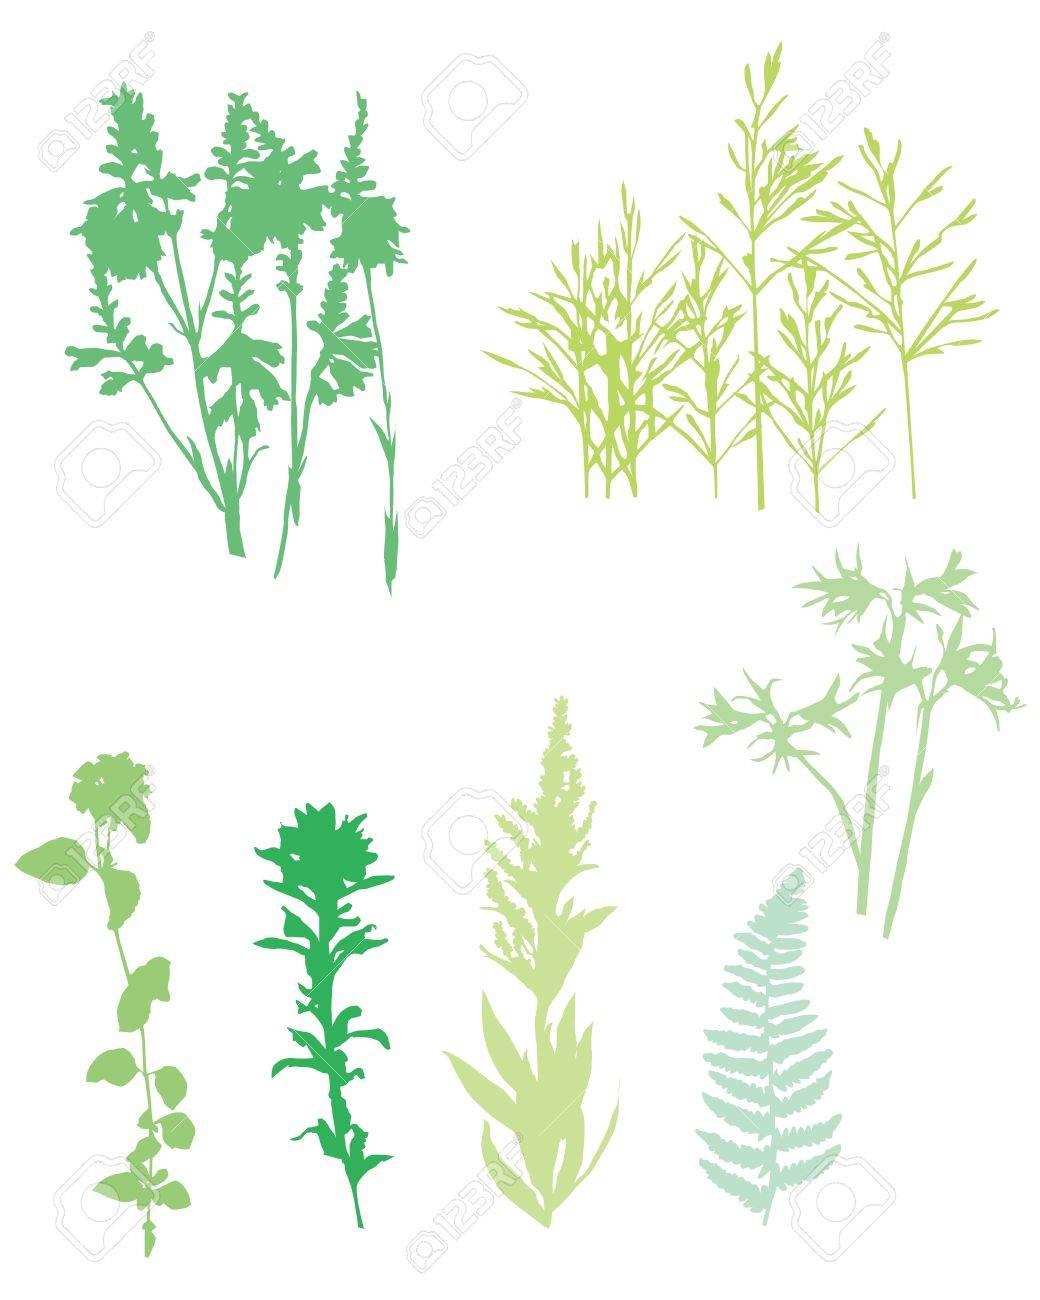 grass set Stock Vector - 11882721